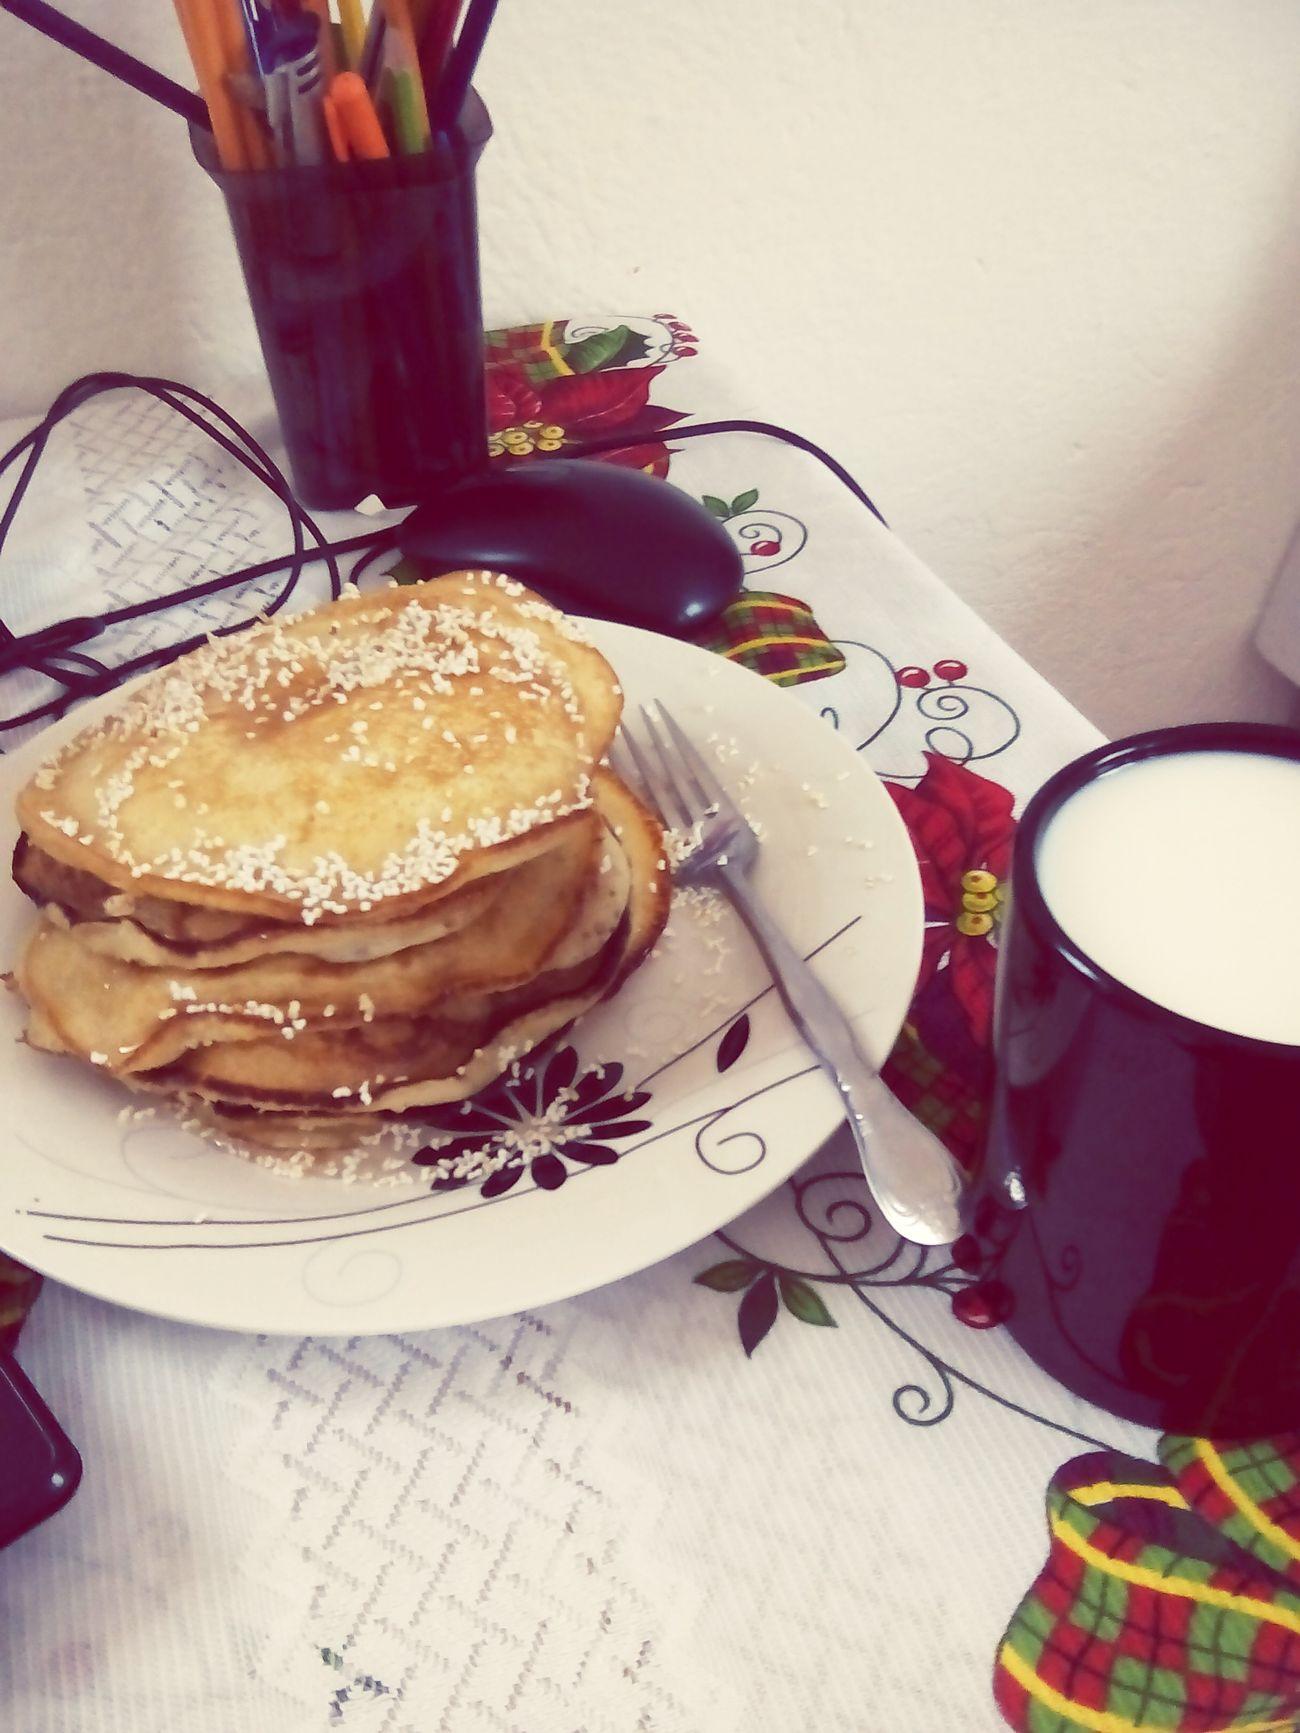 Hermosa mañana Breakfast Hotcakes.